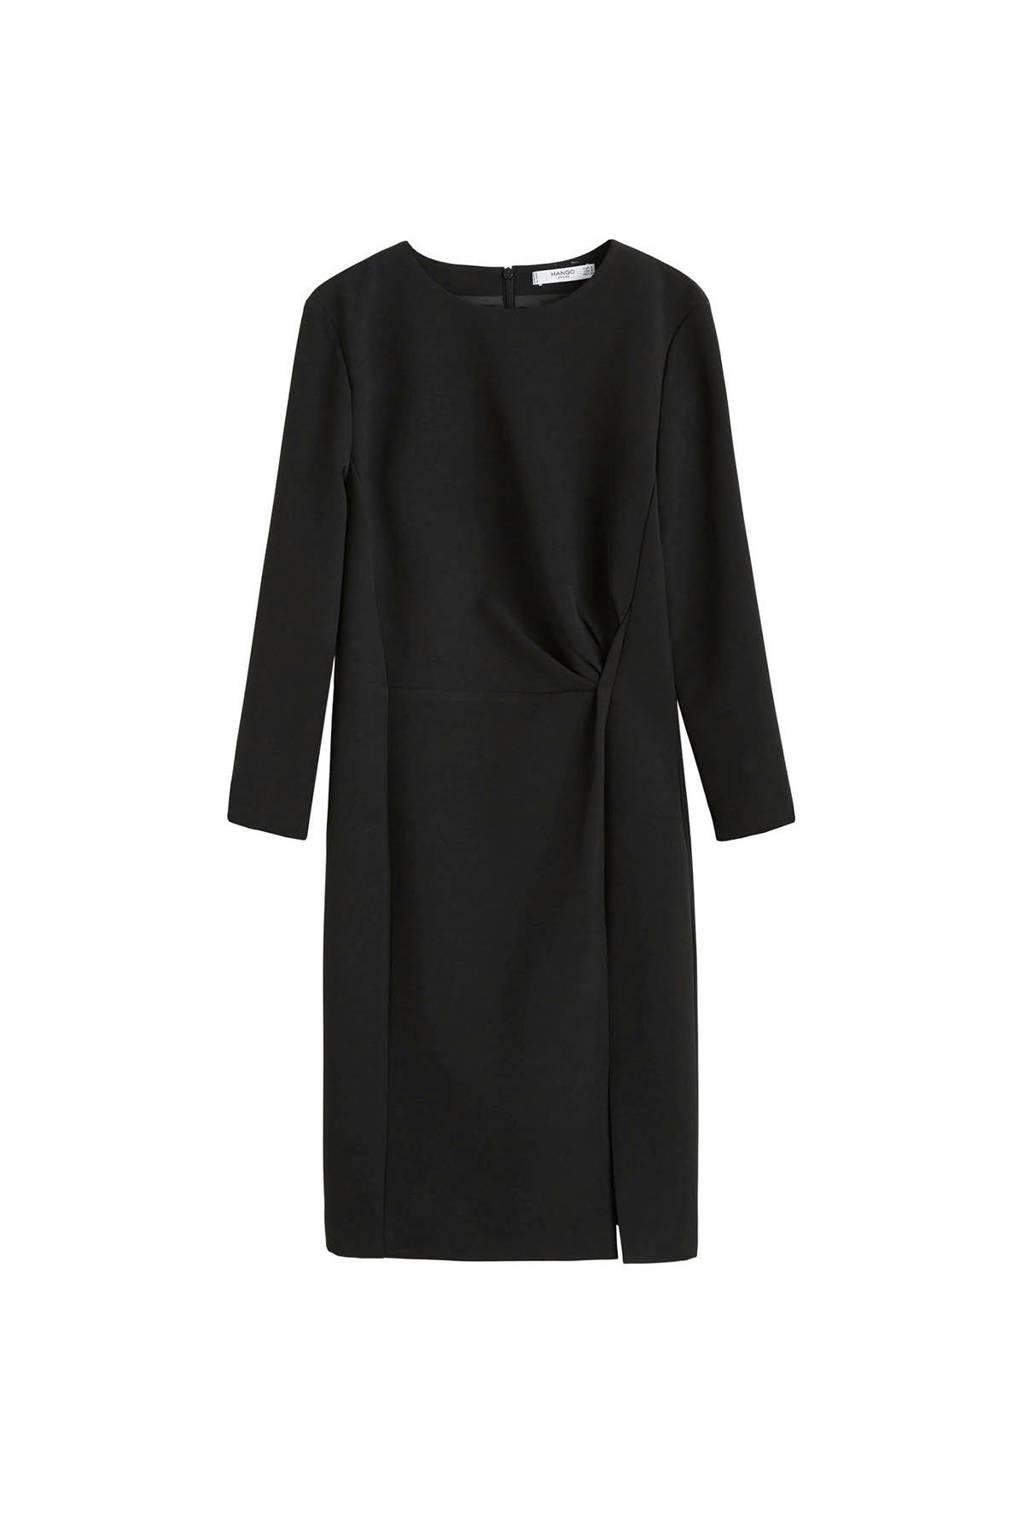 Mango straight fit jurk zwat, Zwart